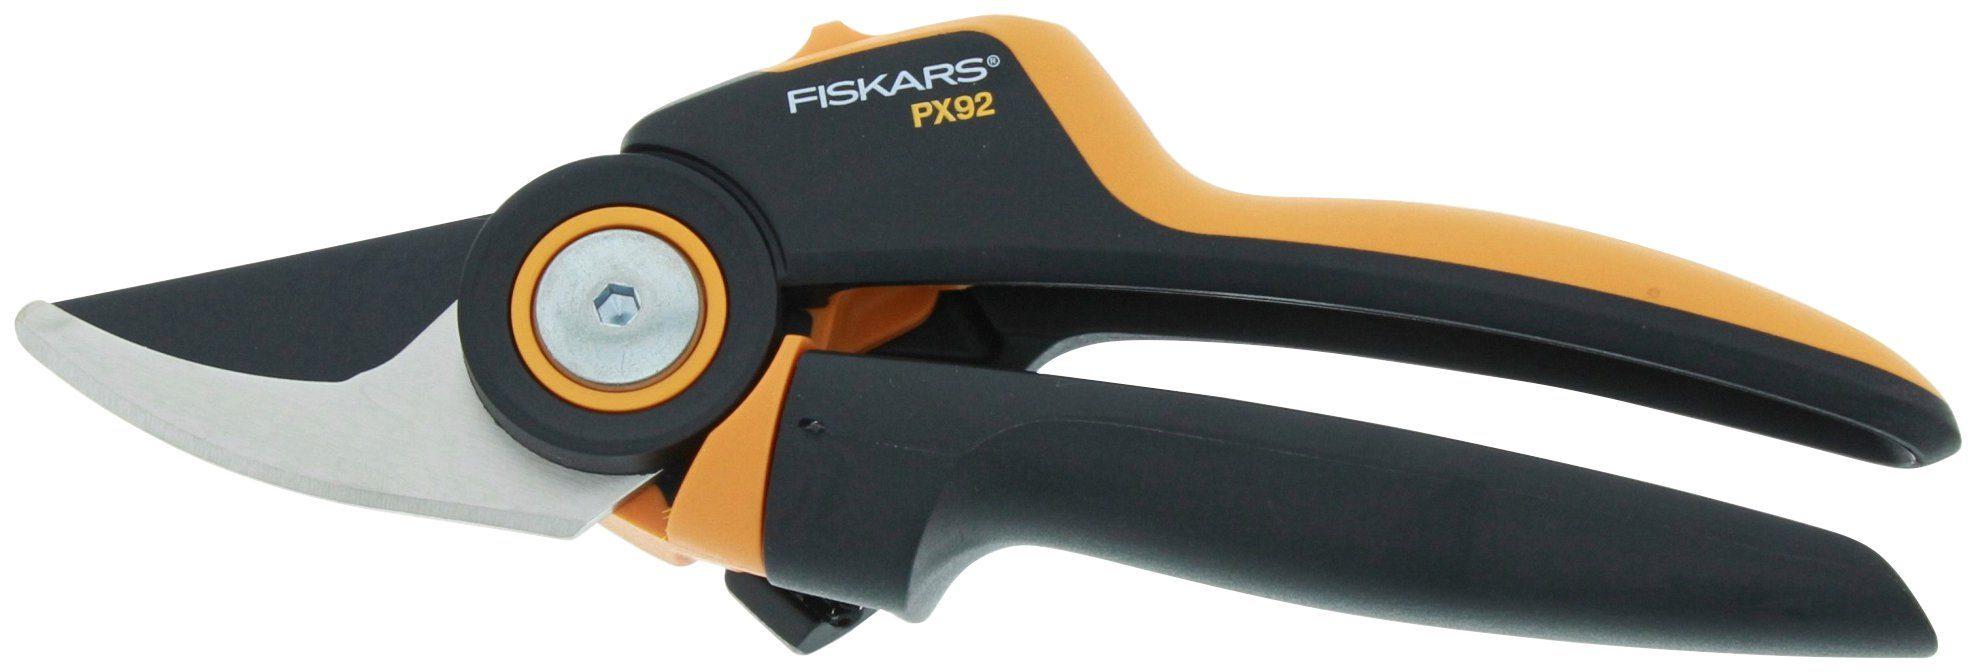 FISKARS Gartenschere »Bypass PX92«, für frisches Holz bis zu Ø 2 cm